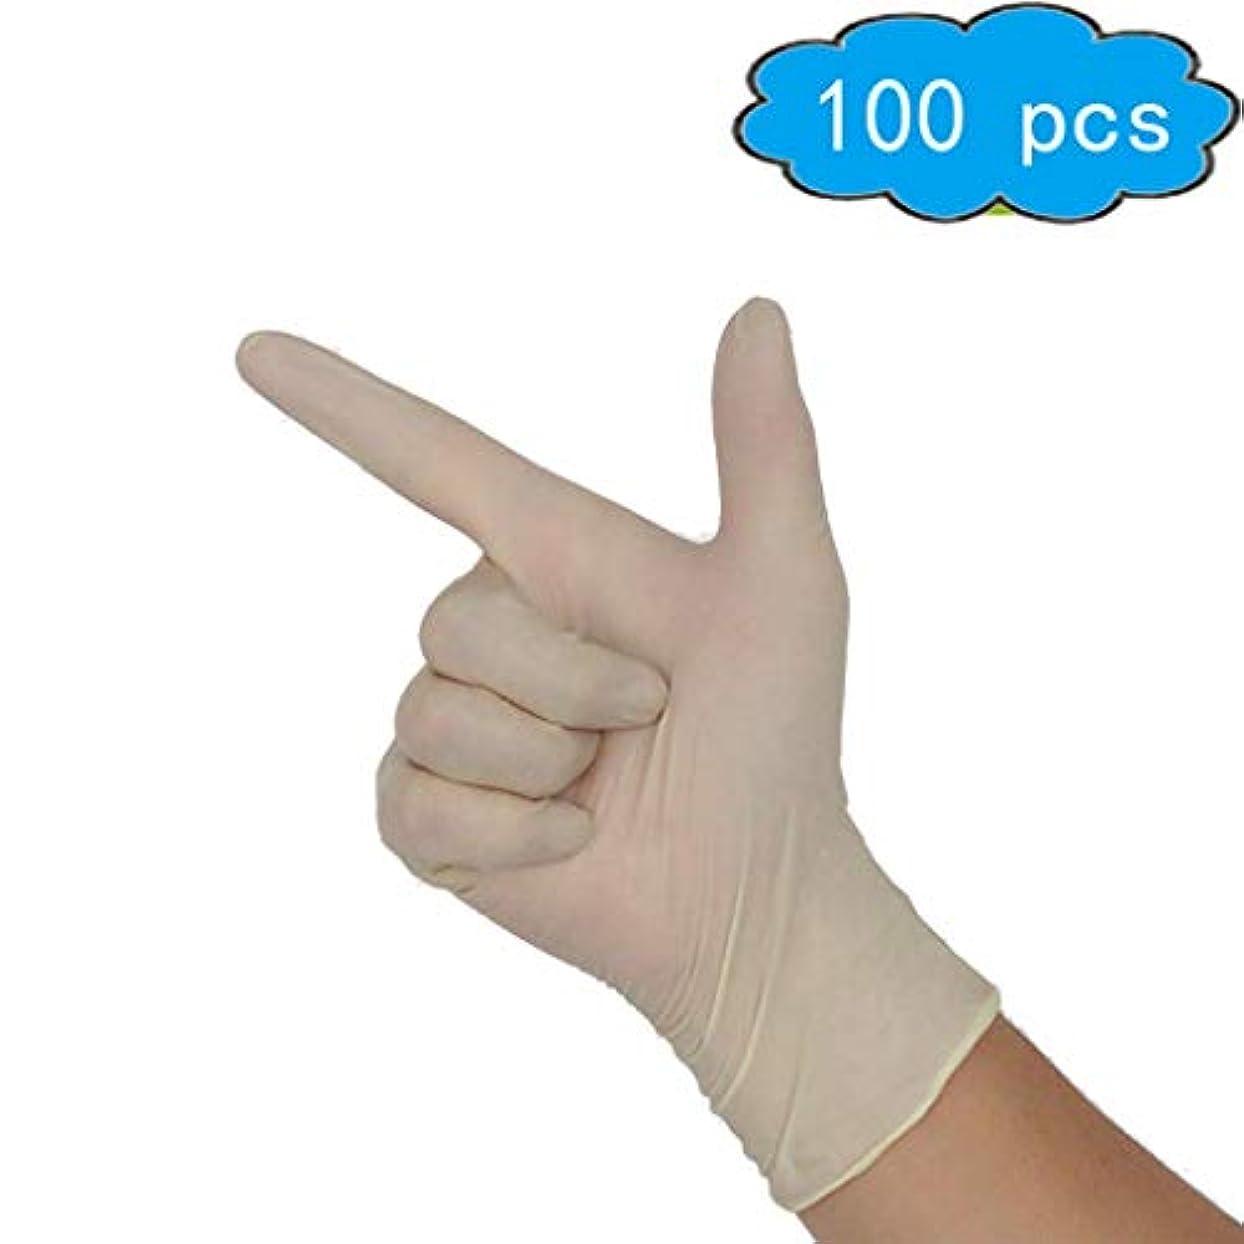 使い捨てラテックス手袋、100箱、パウダーフリー、両手利き、超快適 (Color : Beige, Size : M)